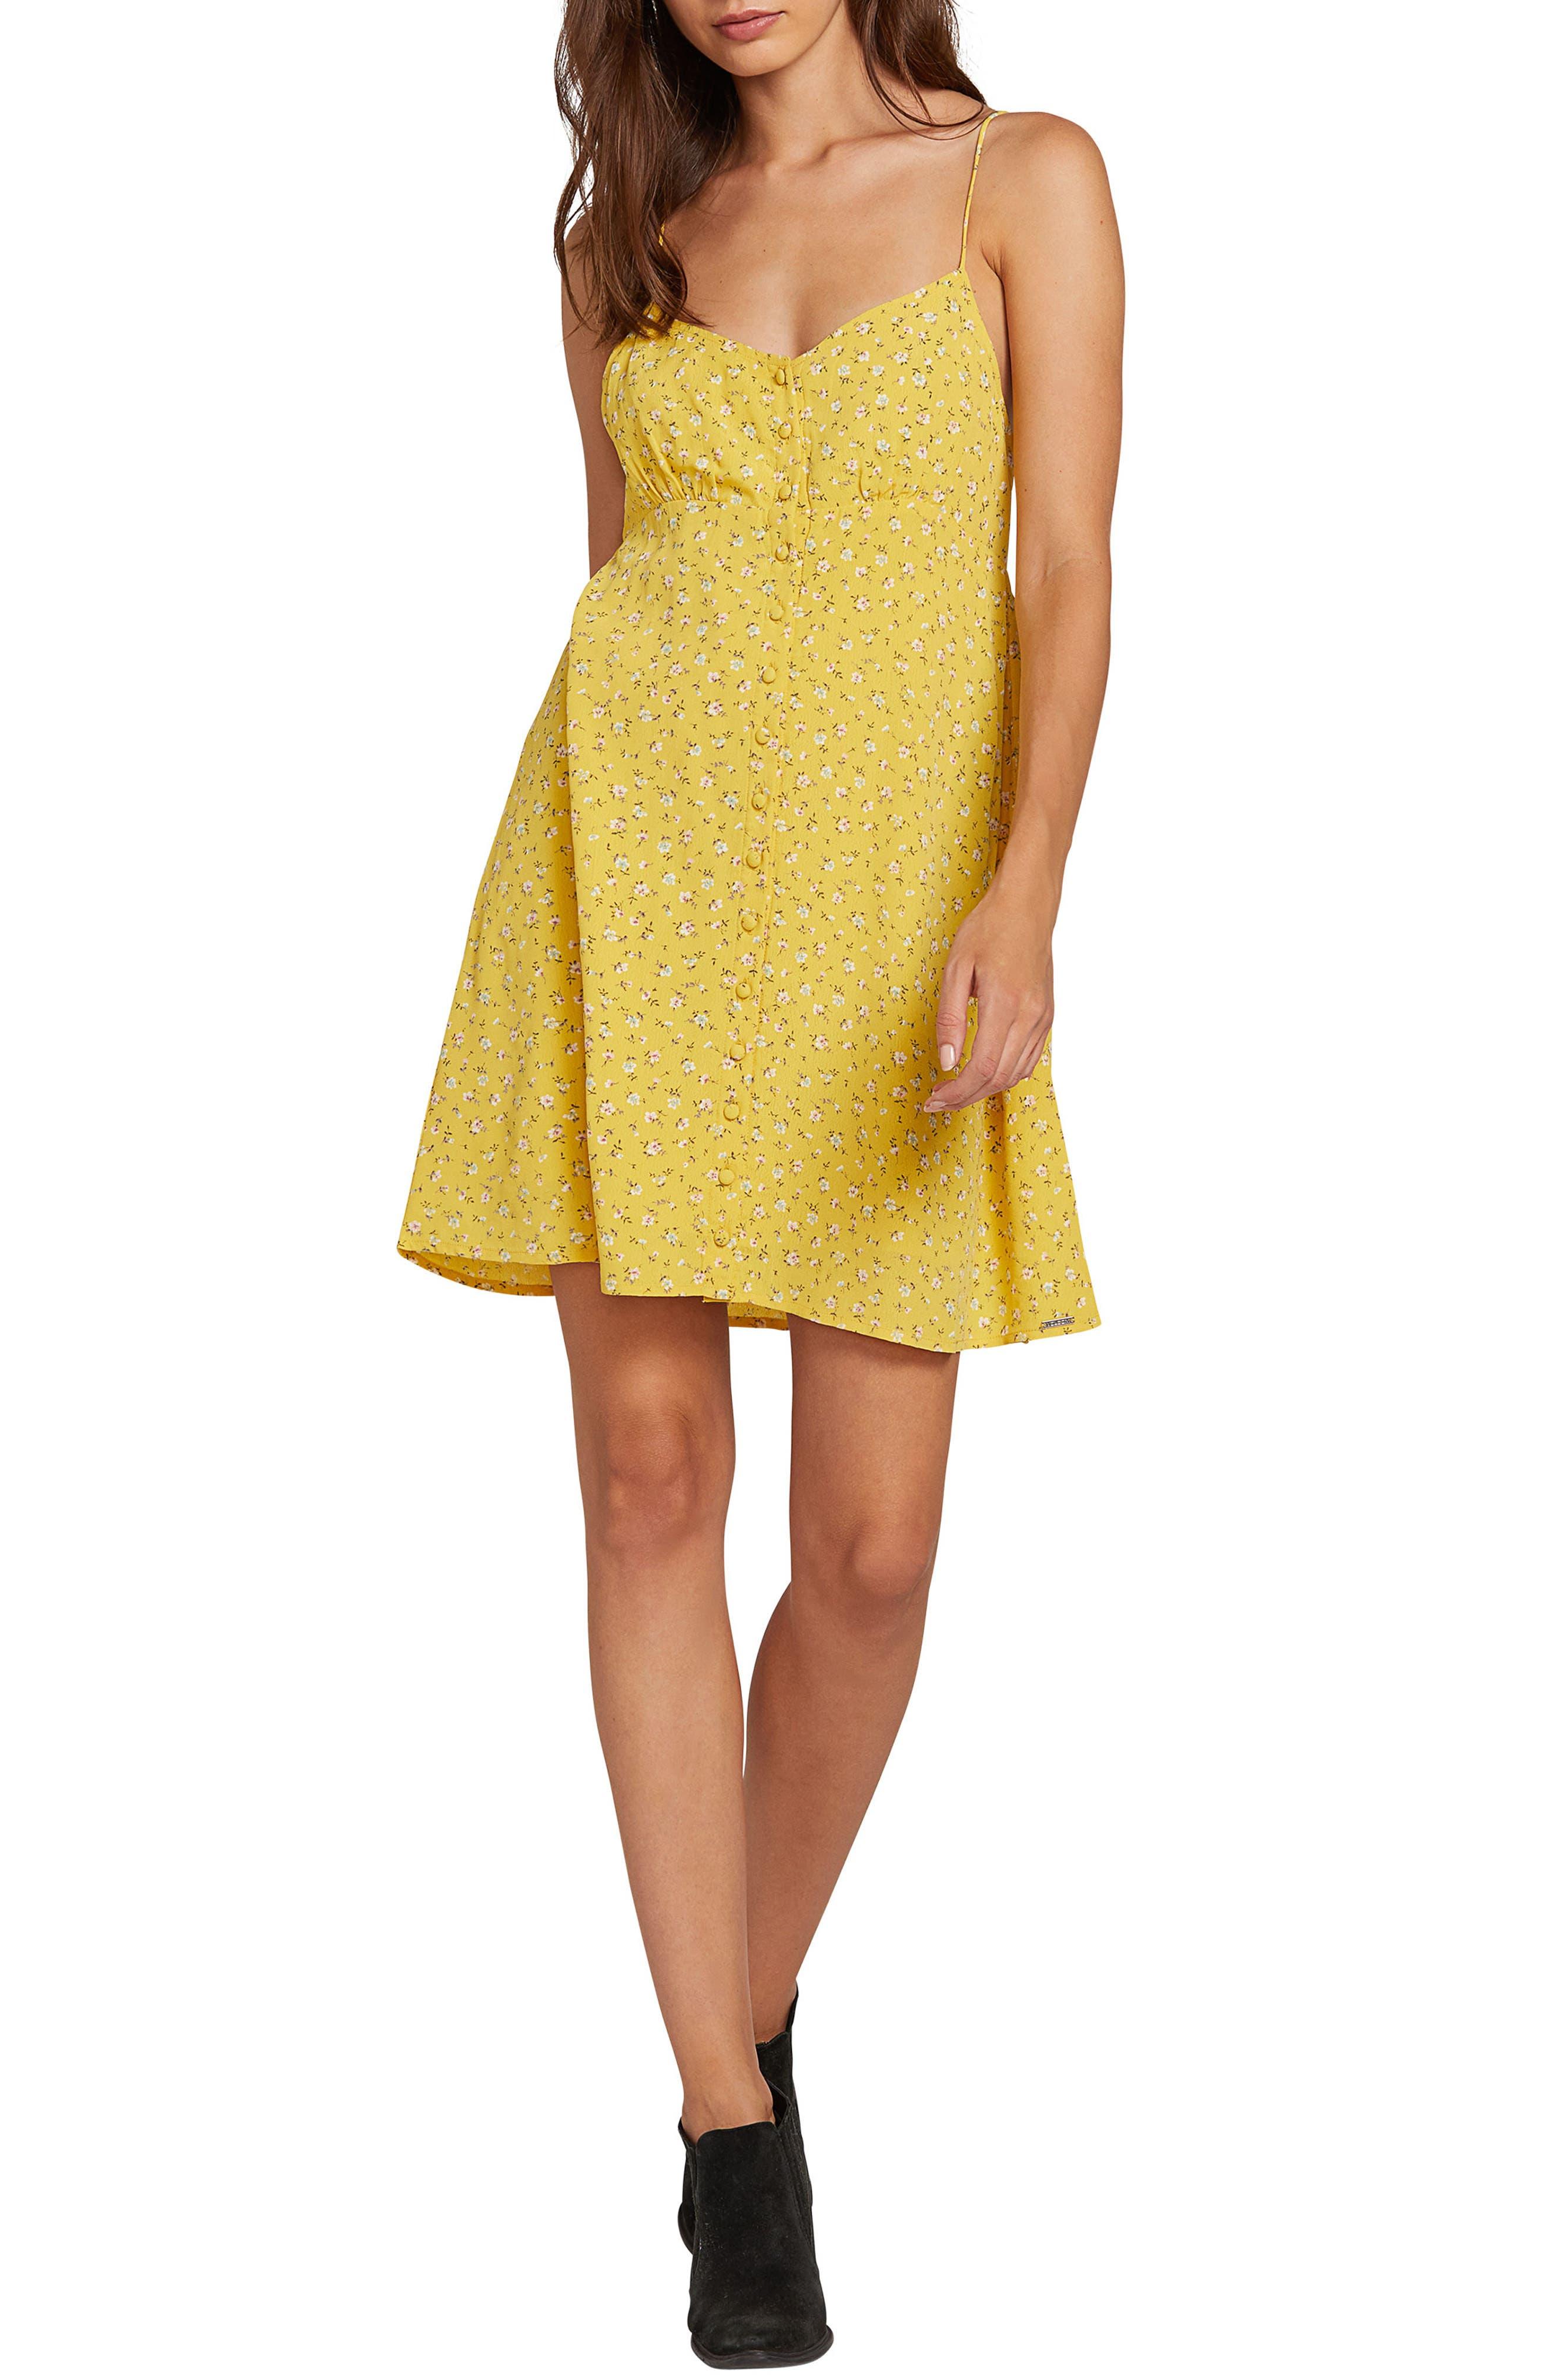 Volcom Hey Bud Print Sundress, Yellow